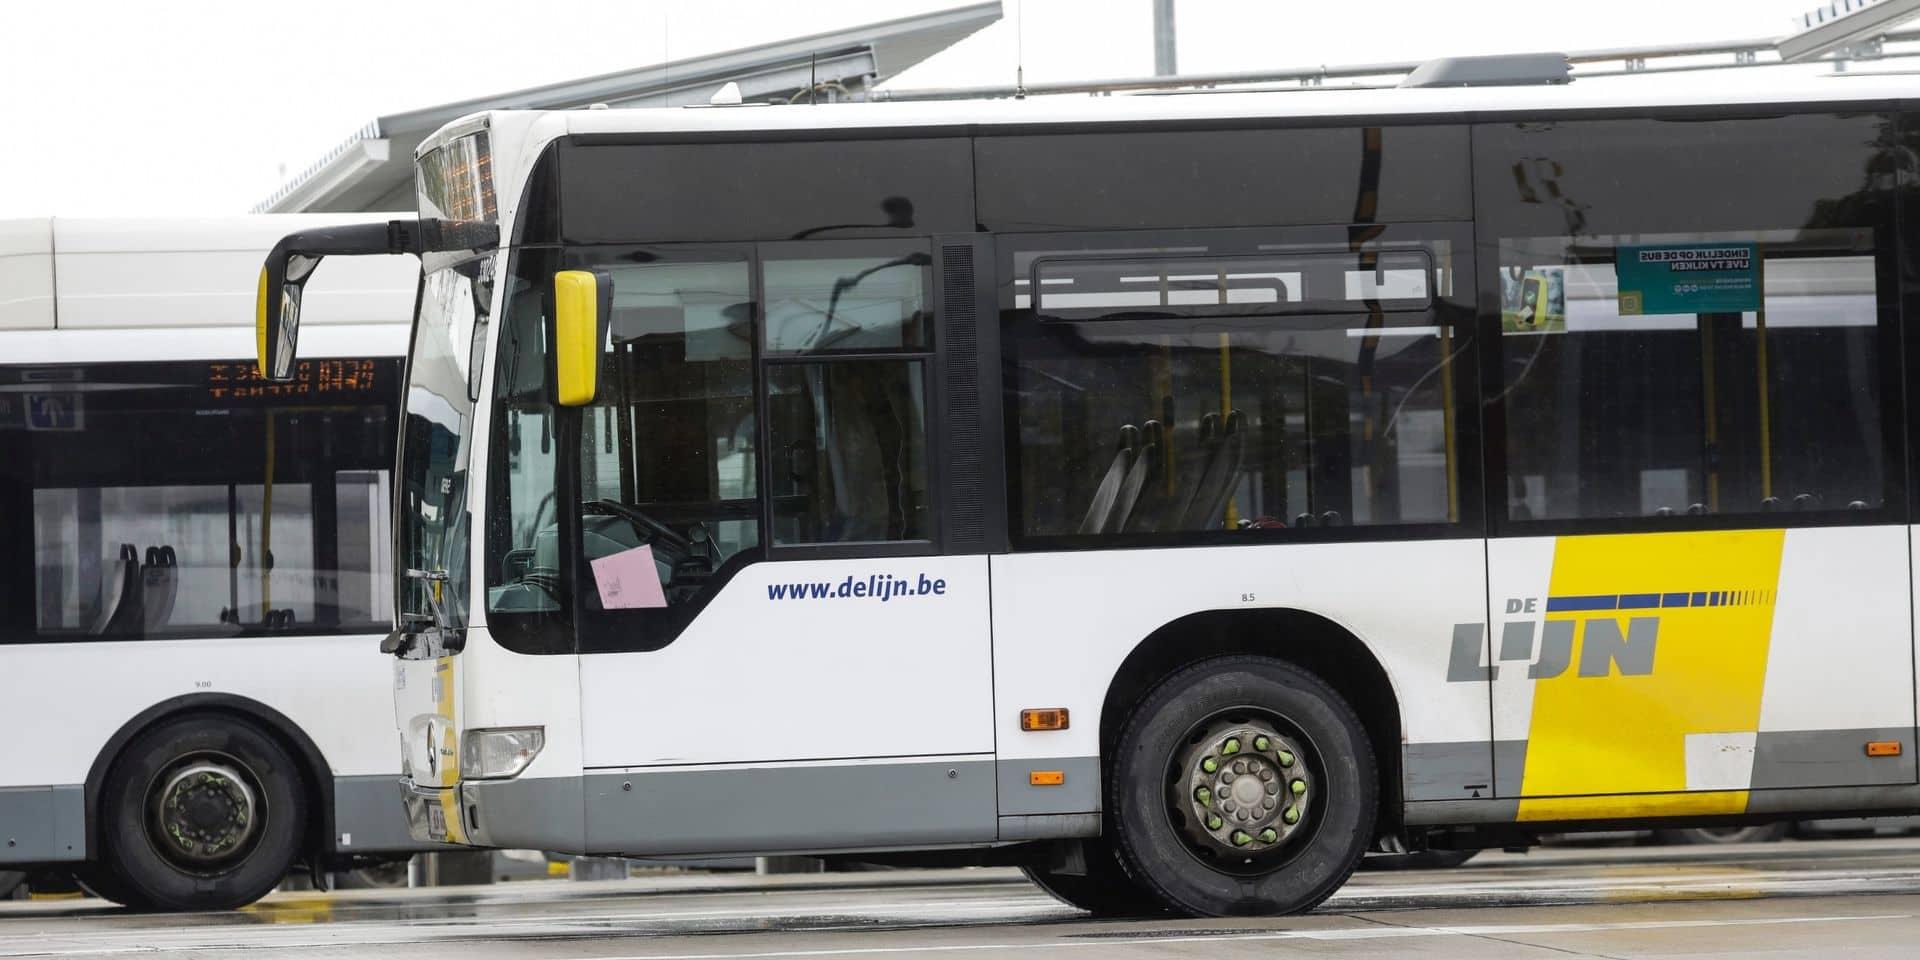 L'argent liquide banni des bus et trams De Lijn à partir du 1er juillet